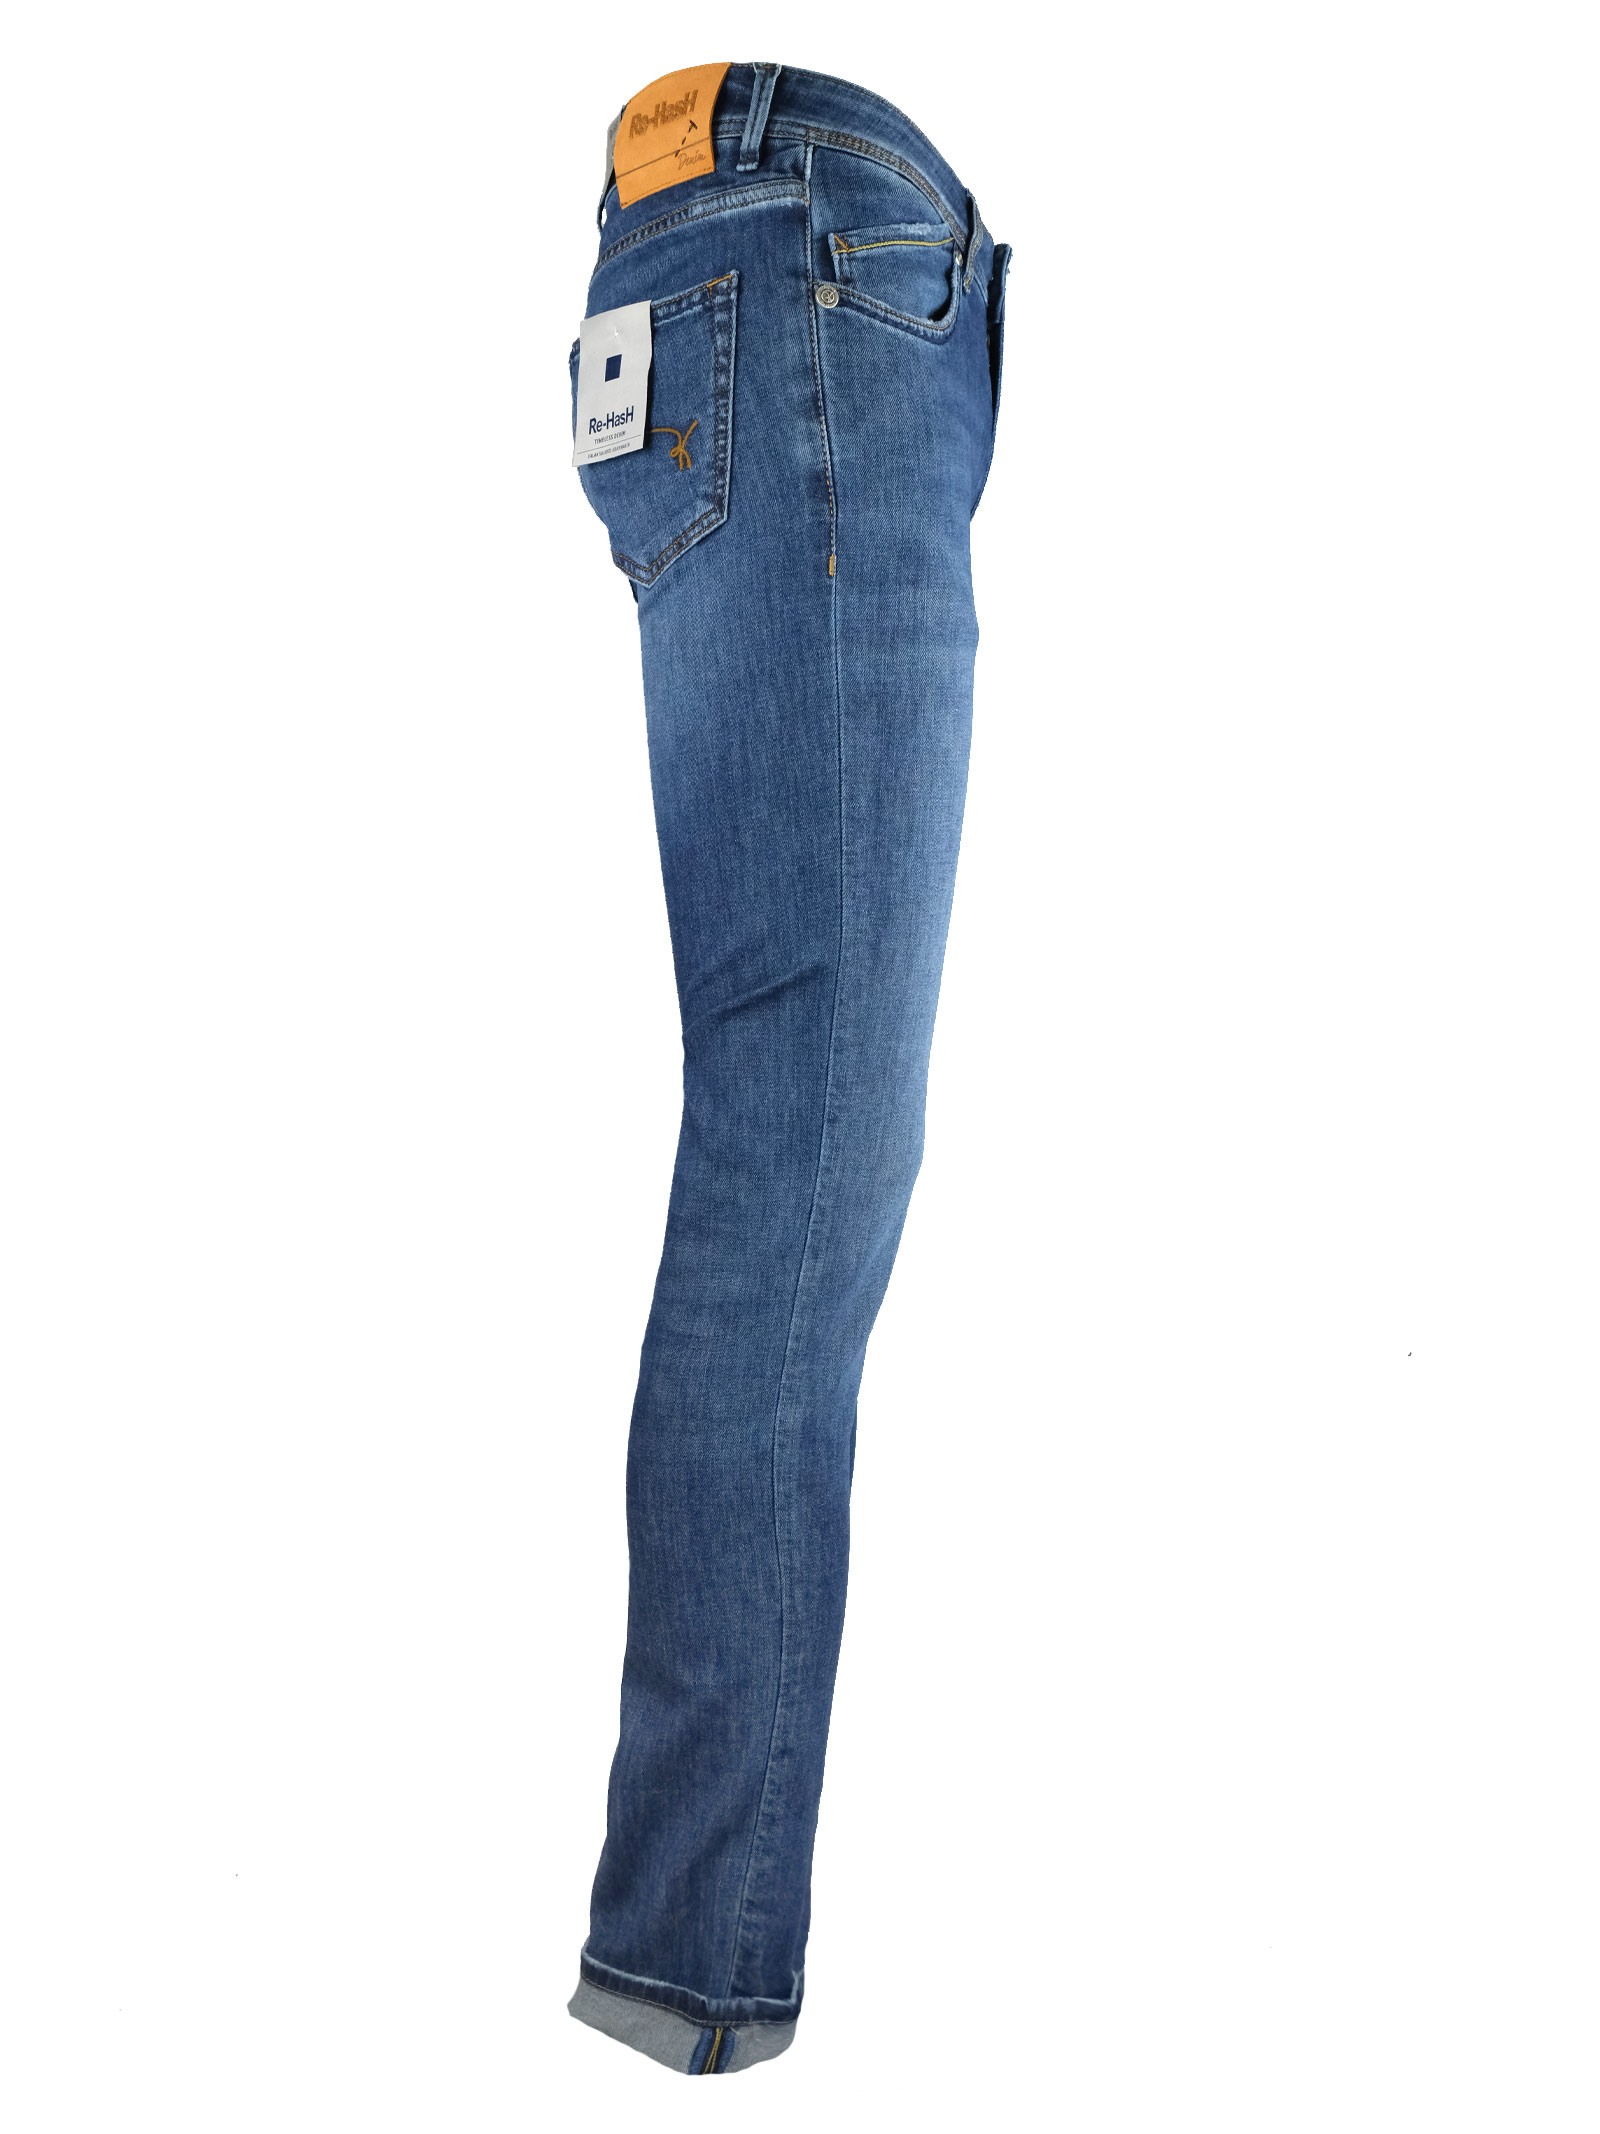 8 OZ. LIGHT DENIM JEANS Re-HasH | Jeans | P4002697HOPPERSZ